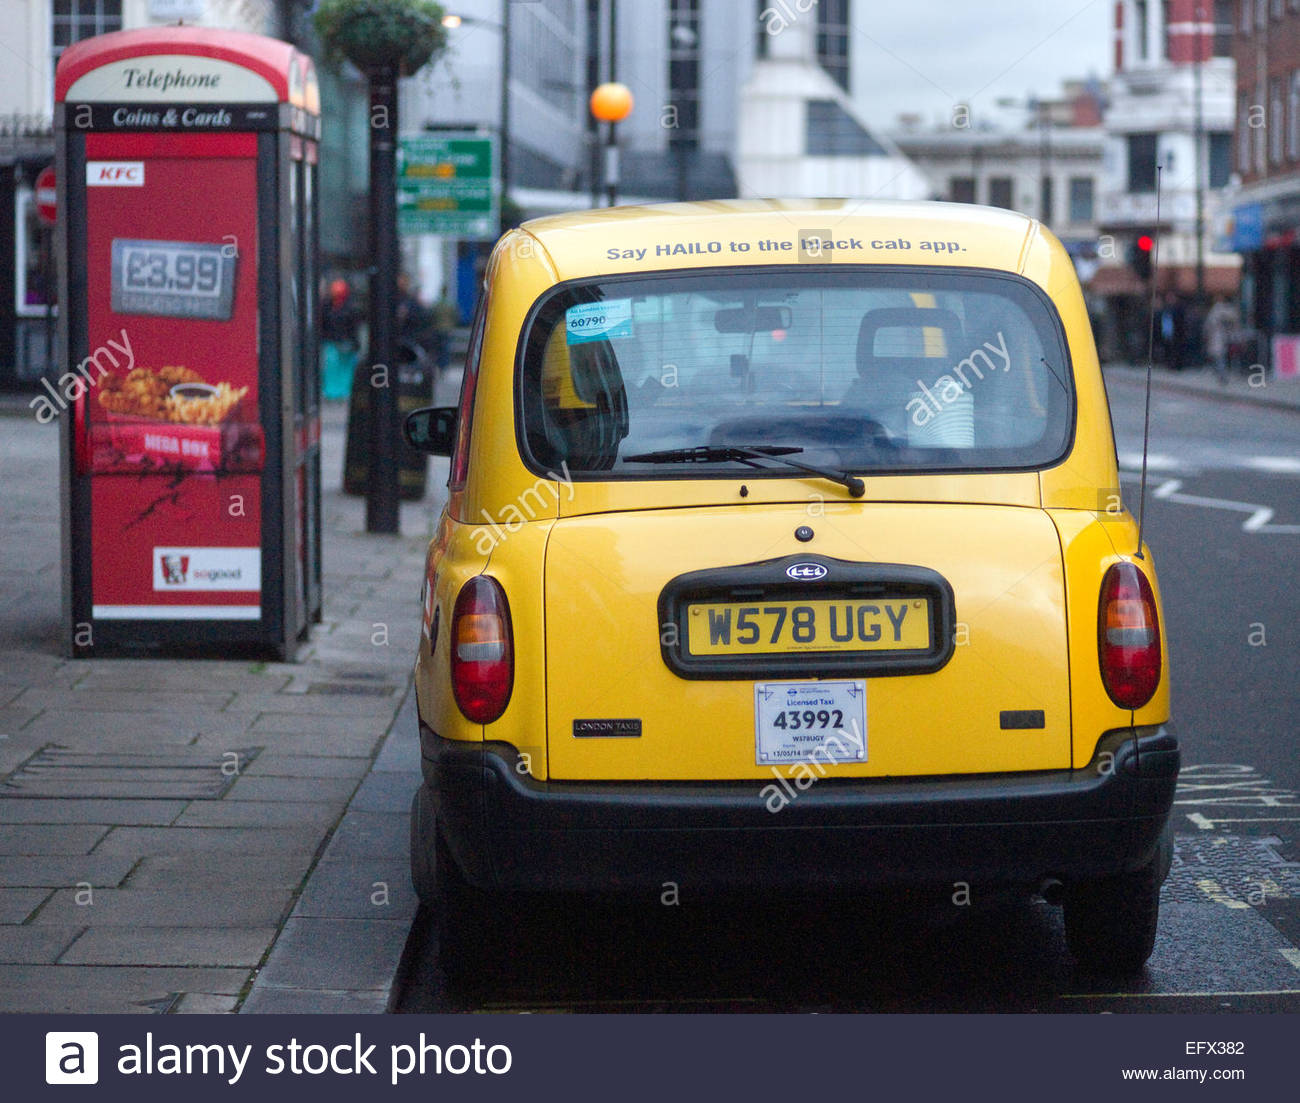 Taxi Kiosk Stock Photos & Taxi Kiosk Stock Images - Alamy